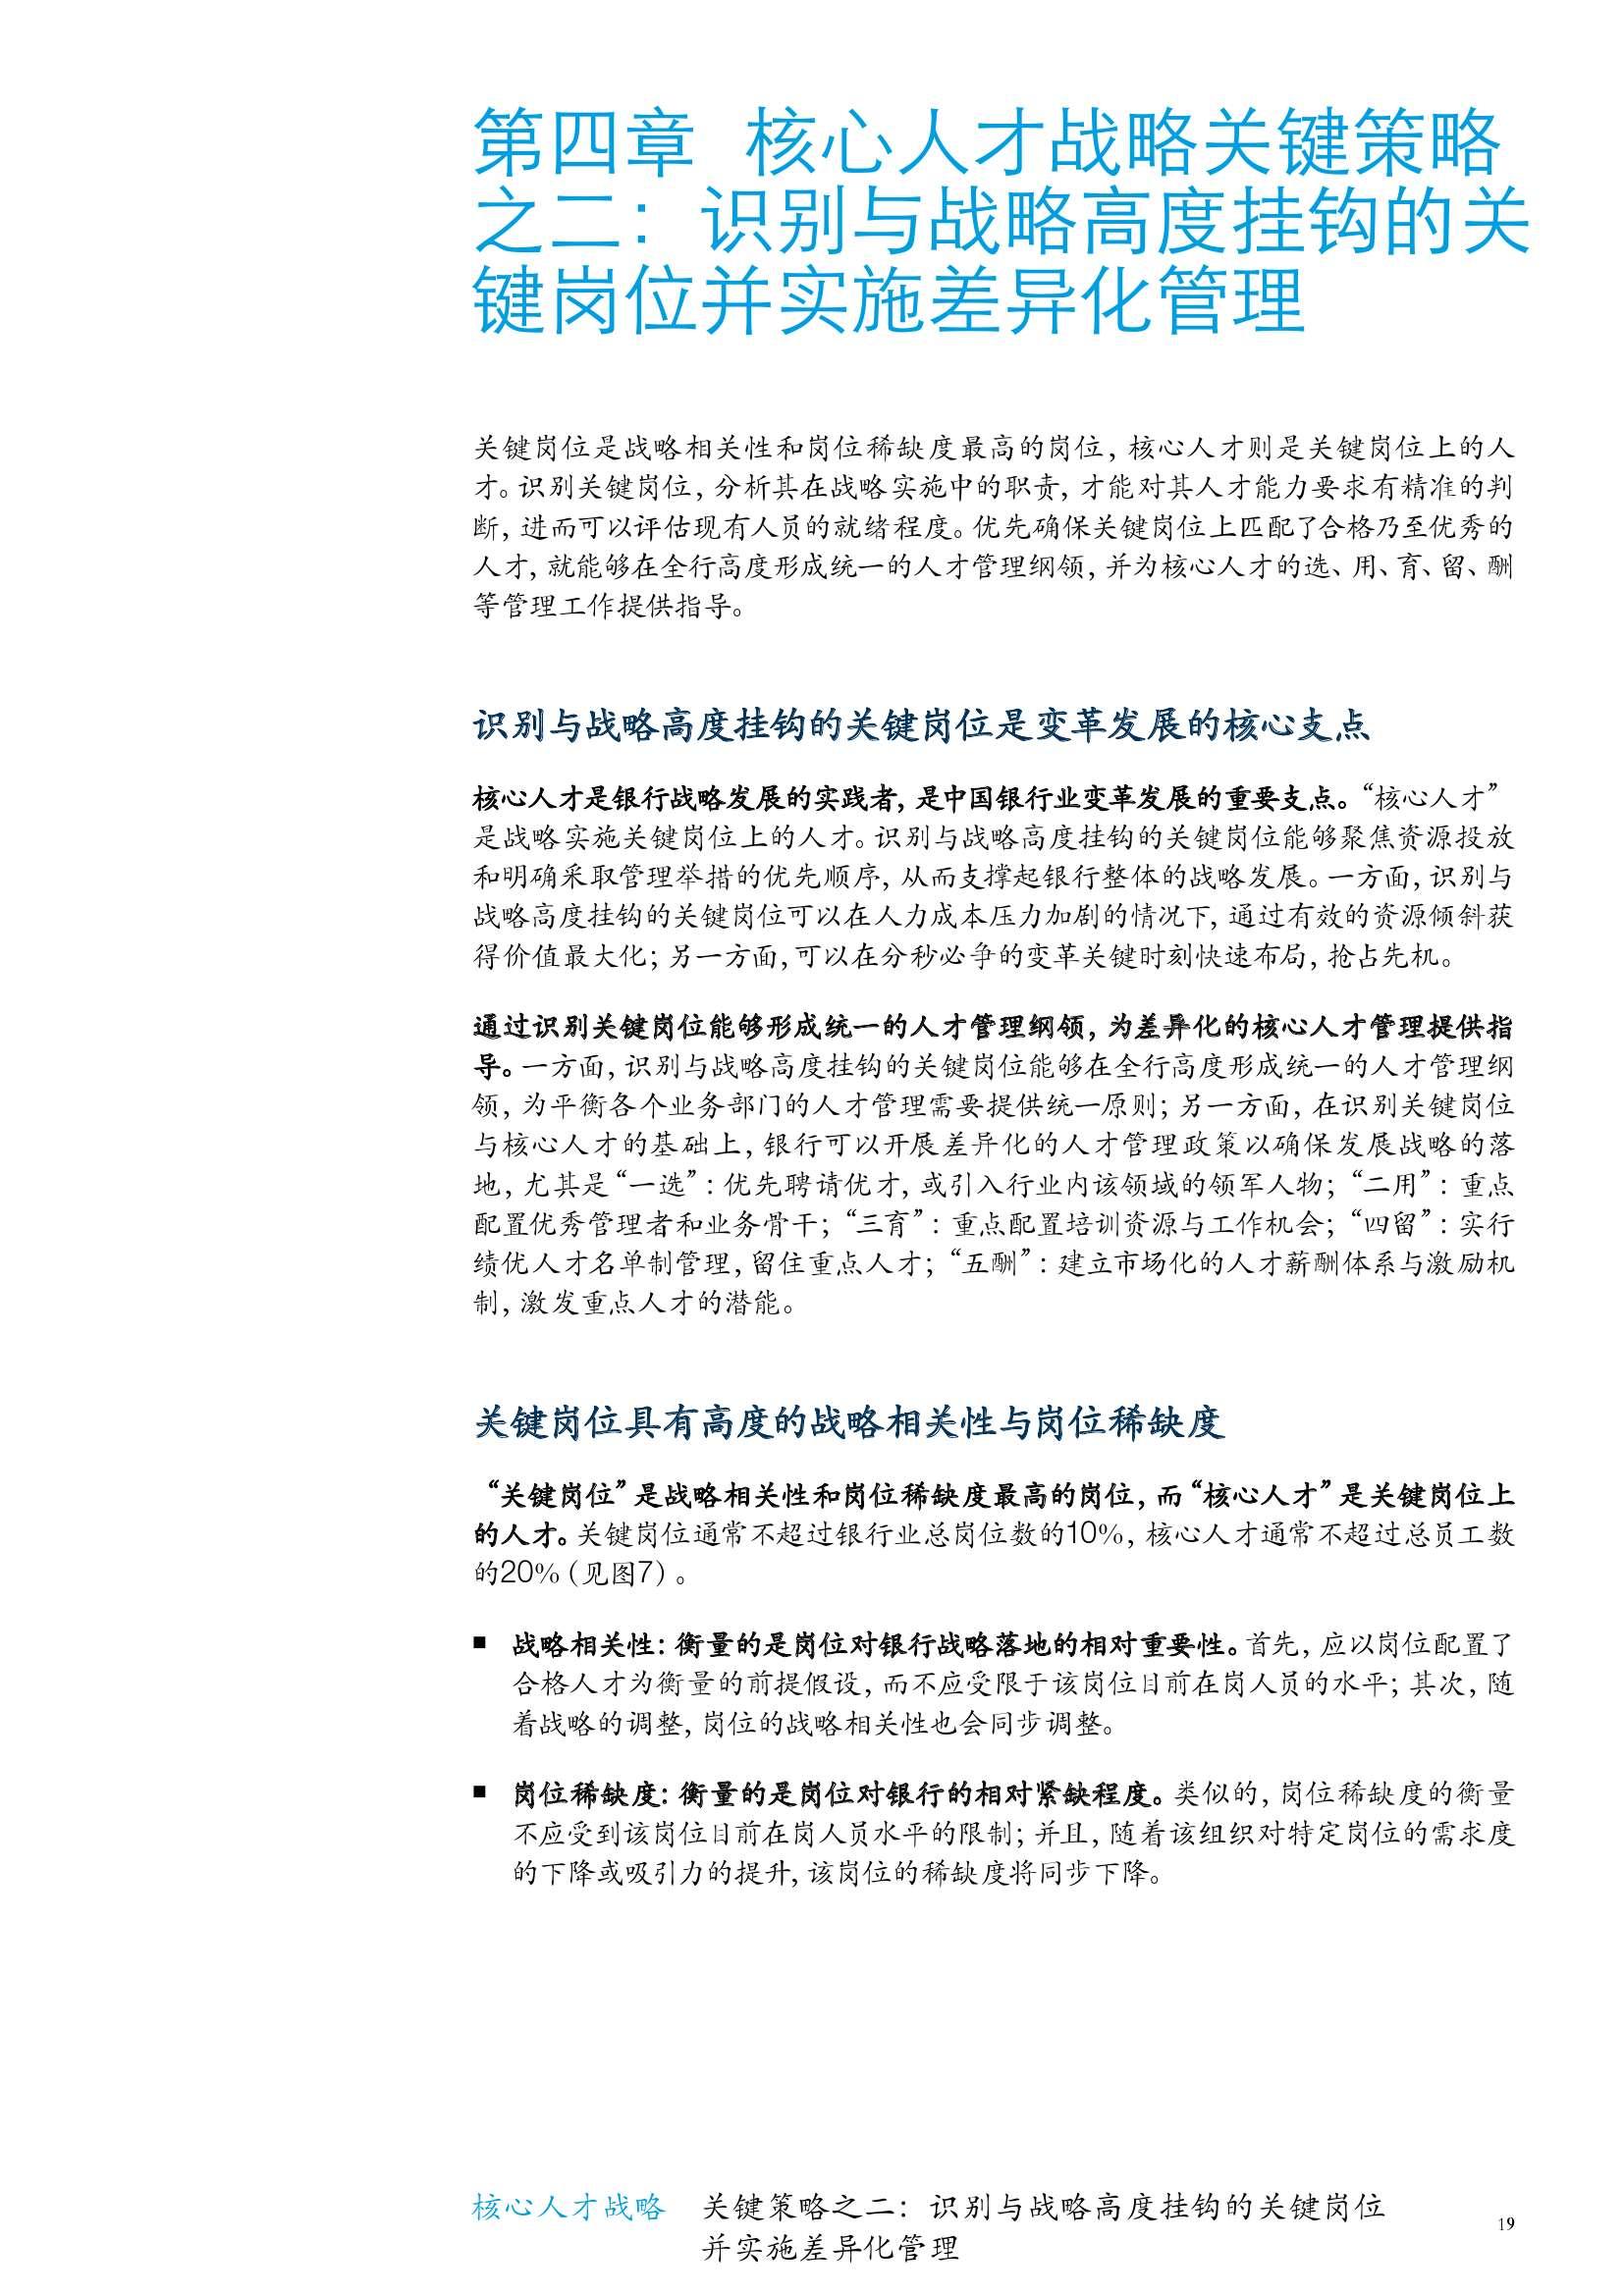 中国银行行业白皮书--核心人才战略4_000025